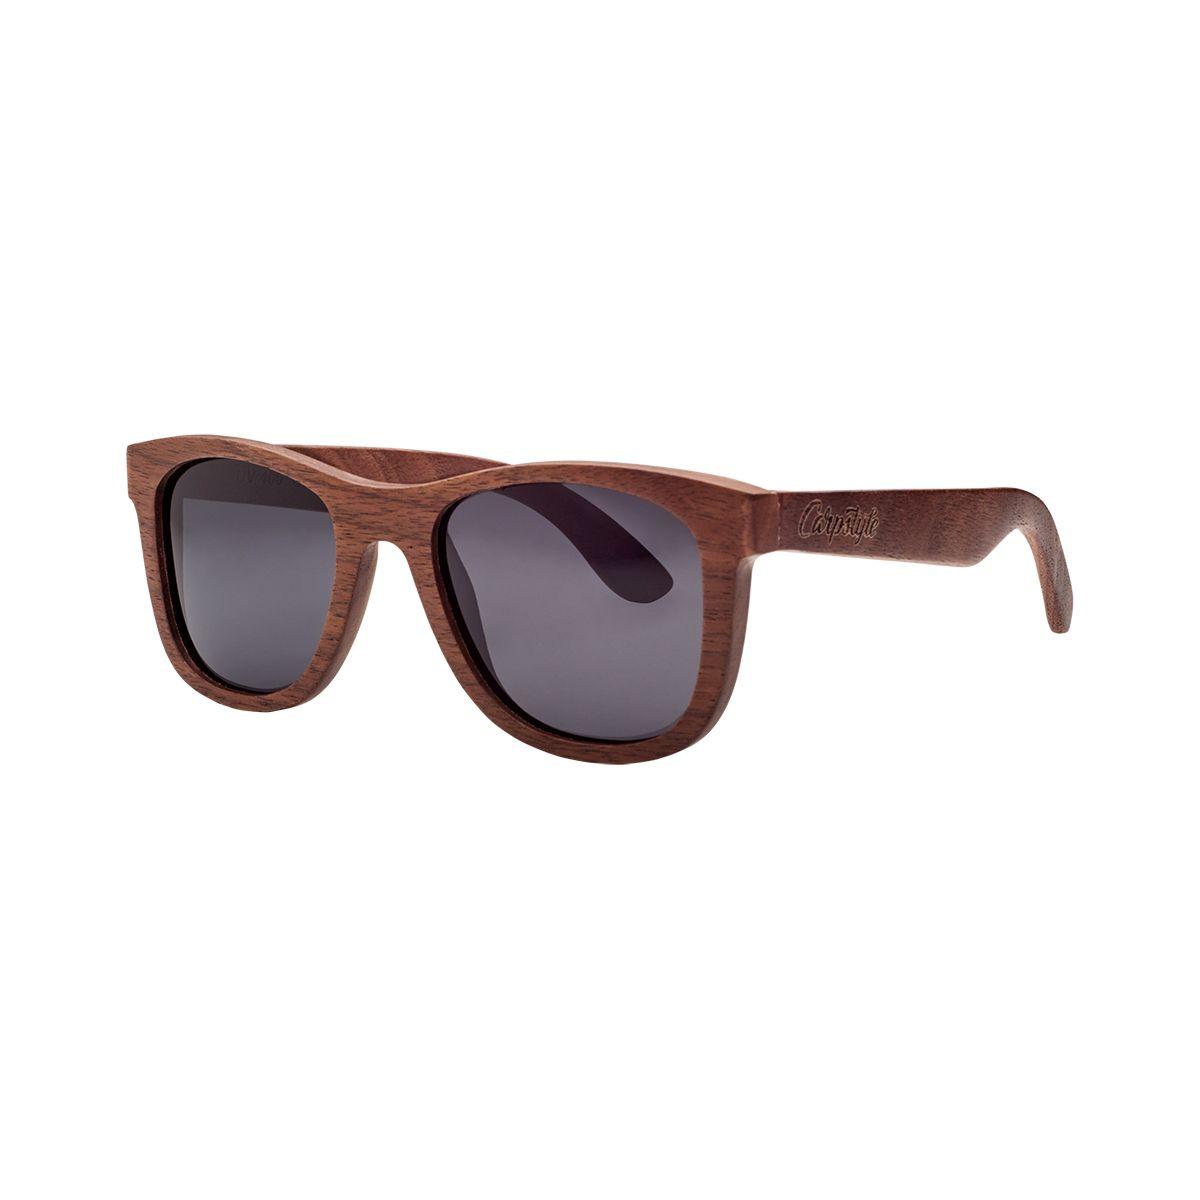 CARPSTYLE Sluneční Brýle Carpstyle Wayfarer Wood